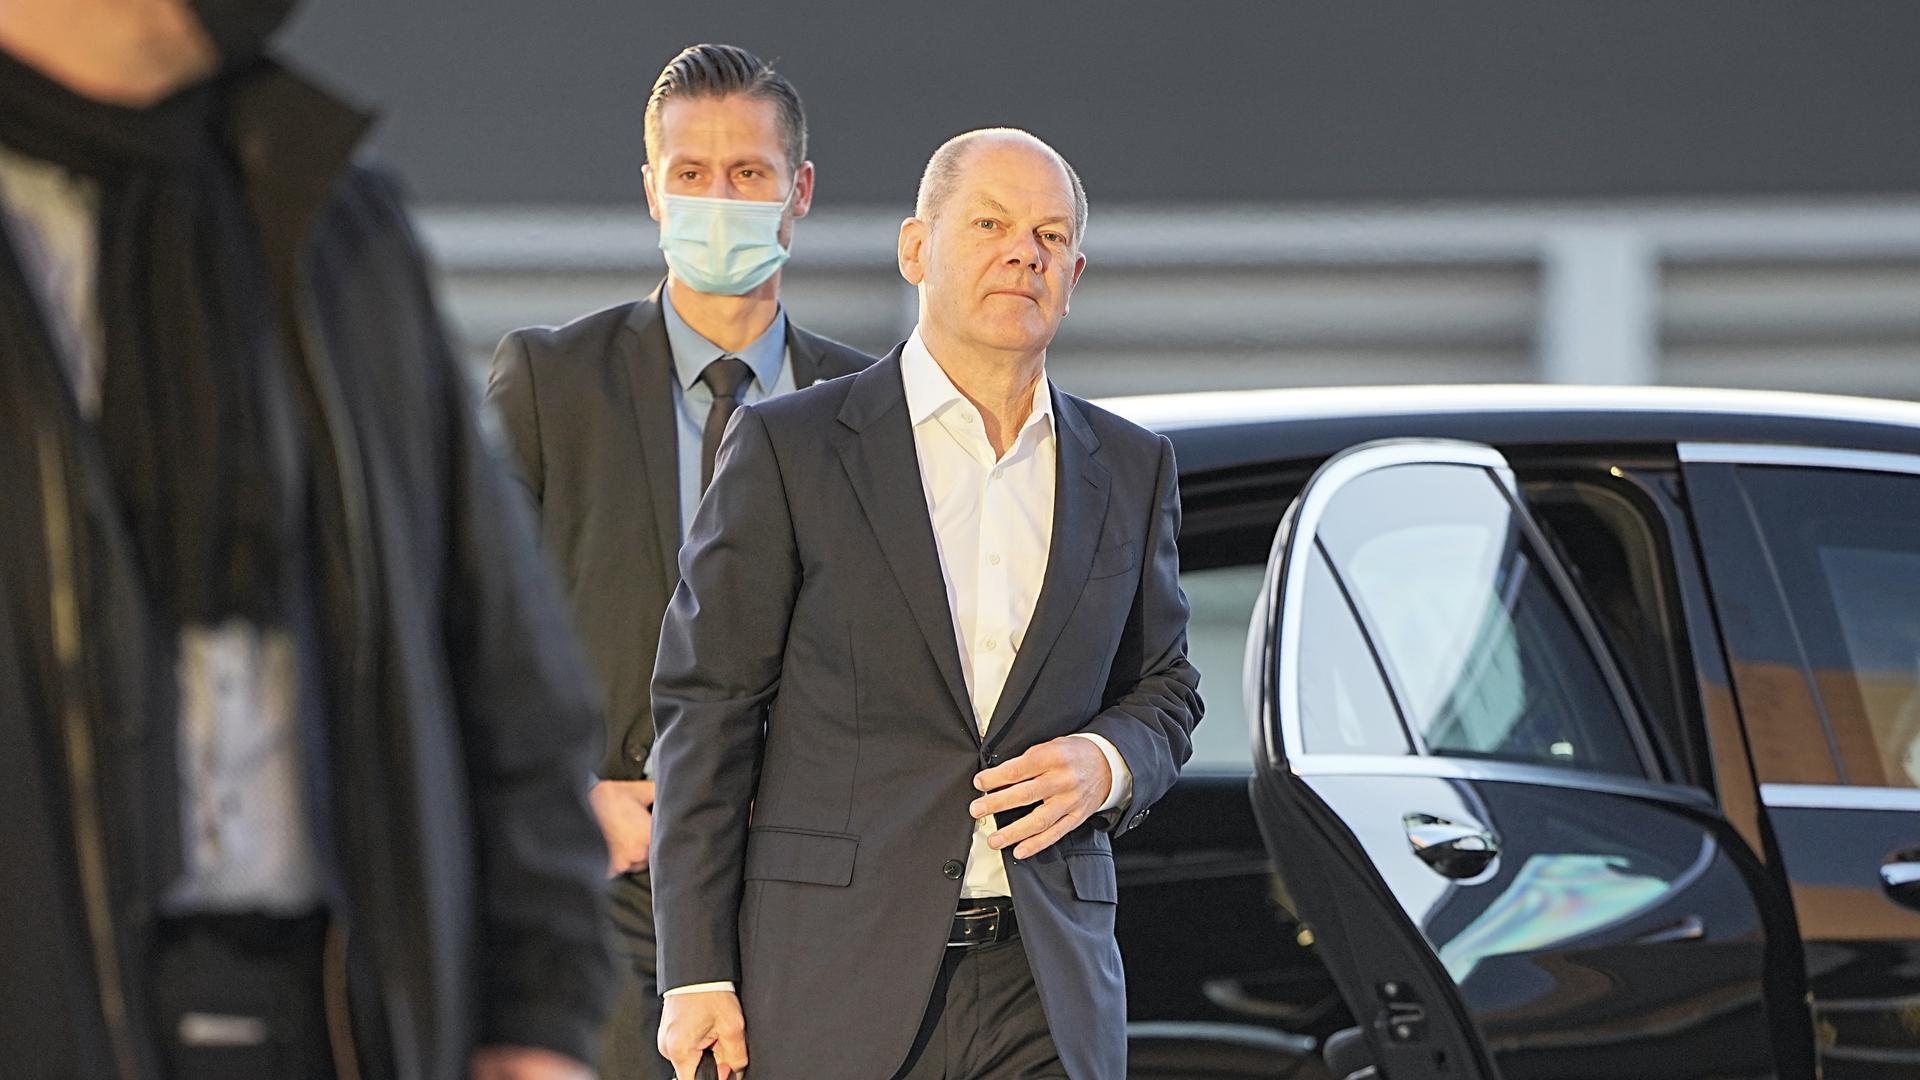 Olaf Scholz SPD Kanzlerkandidat und Bundesminister der Finanzen, kommt am CityCube an. Die SPD will mit FDP und Bündnis 90/Die Grünen Sondierungsgespräche zur Bildung einer neuen Bundesregierung nach der Bundestagswahl aufnehmen. +++ dpa-Bildfunk +++